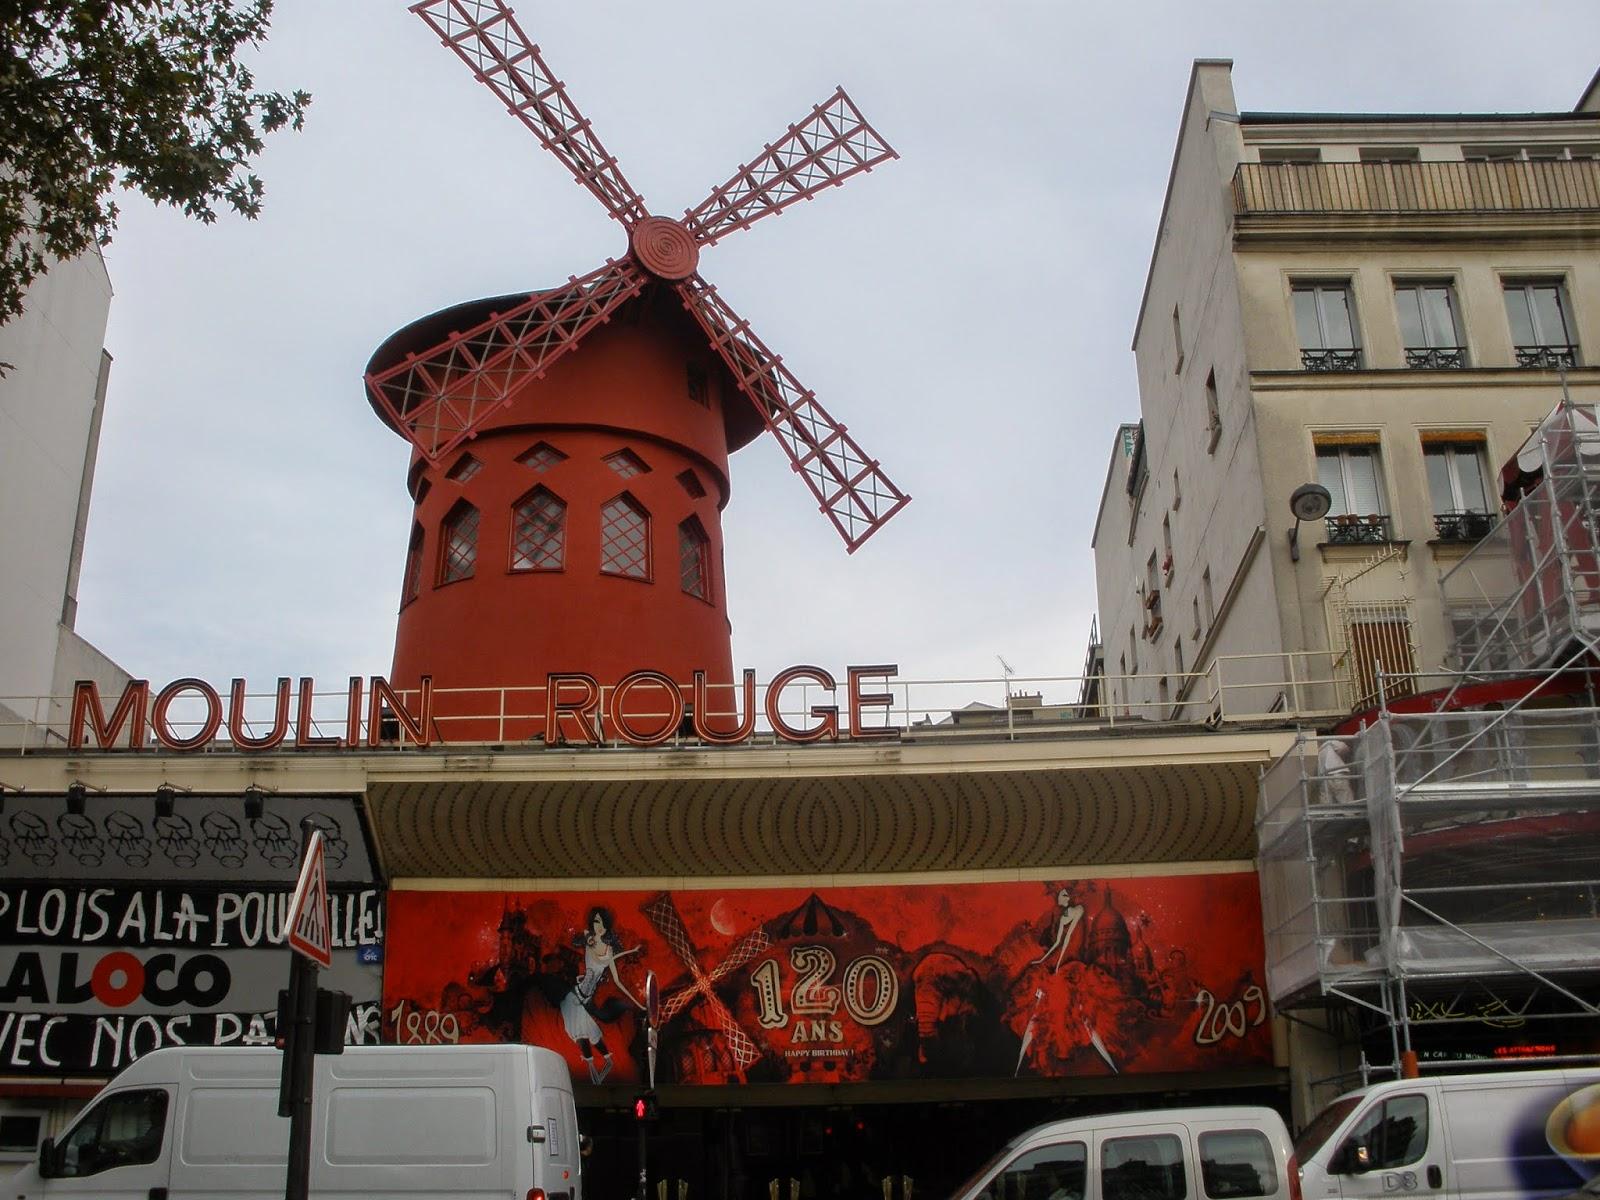 Moulin Rouge, situado en el barrio rojo, a los pies de Montmartre.